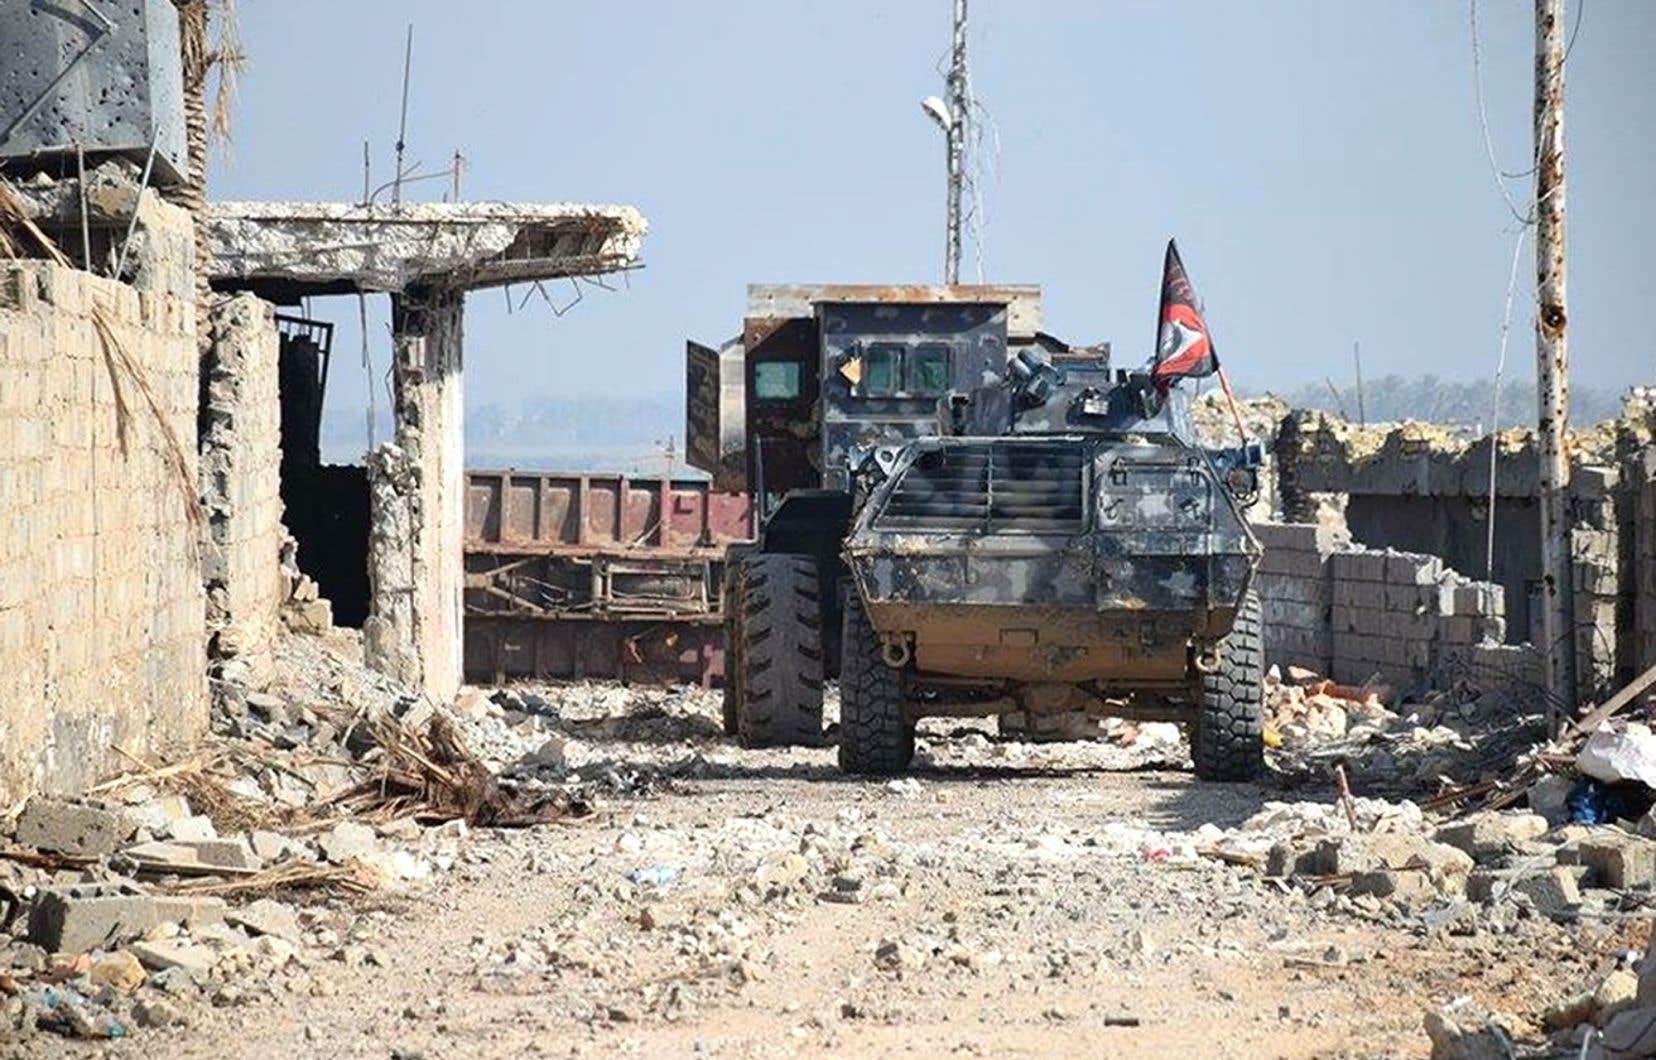 C'est toute la région qui s'embrase à cause du groupe État islamique. Après l'Irak (photo ci-haut) et la Syrie, la Libye inquiète maintenant.